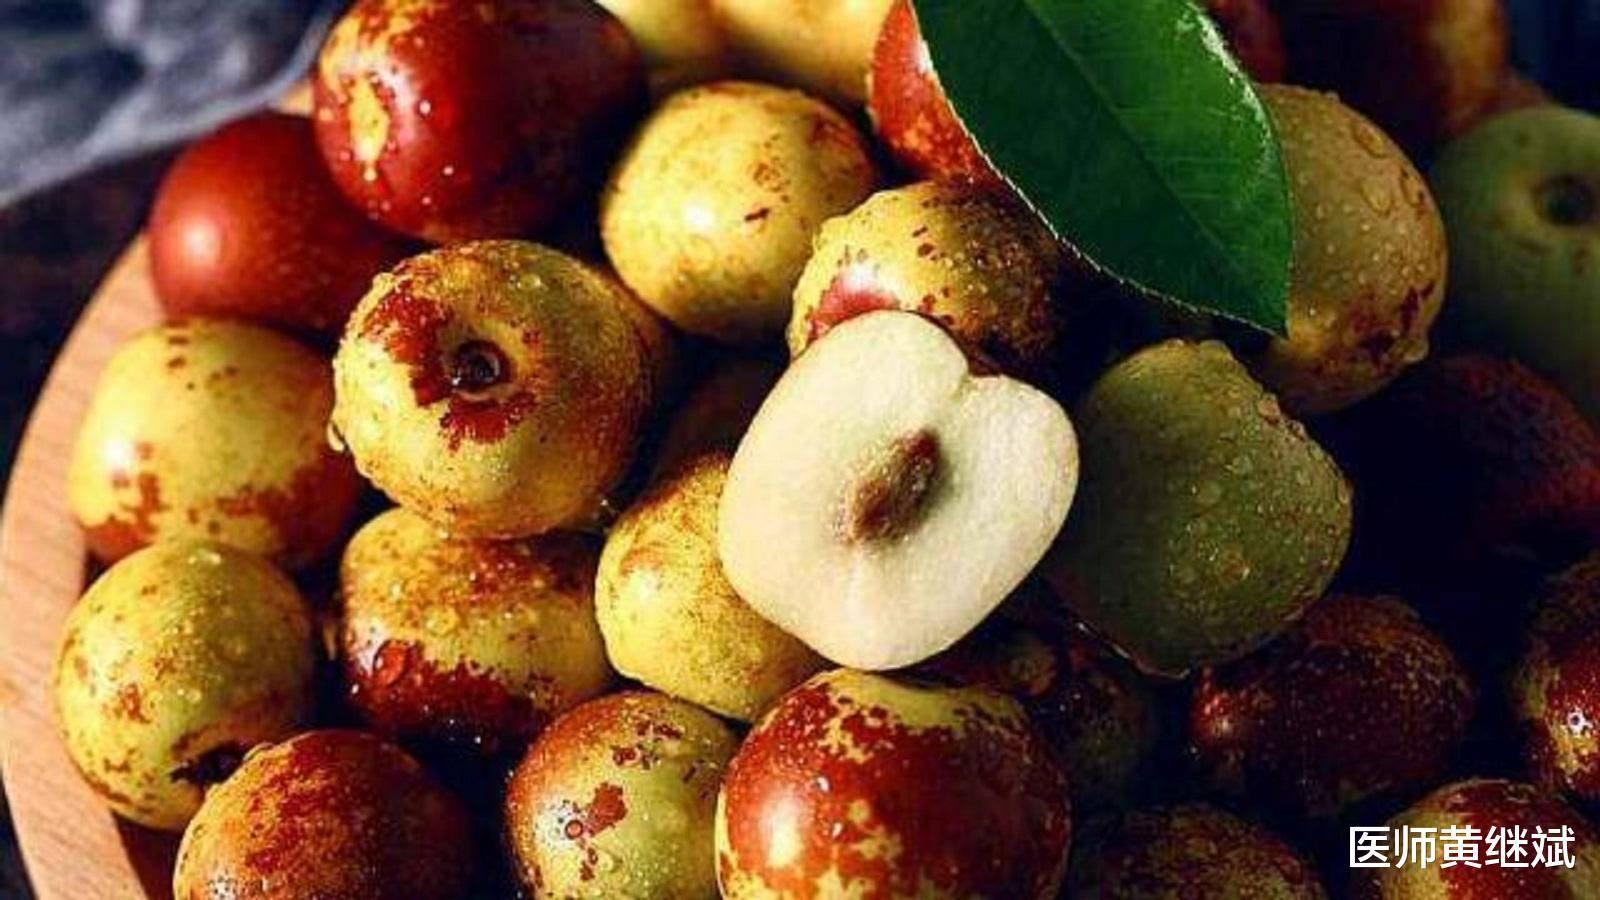 秋季养胃佳品,维生素C含量丰富。